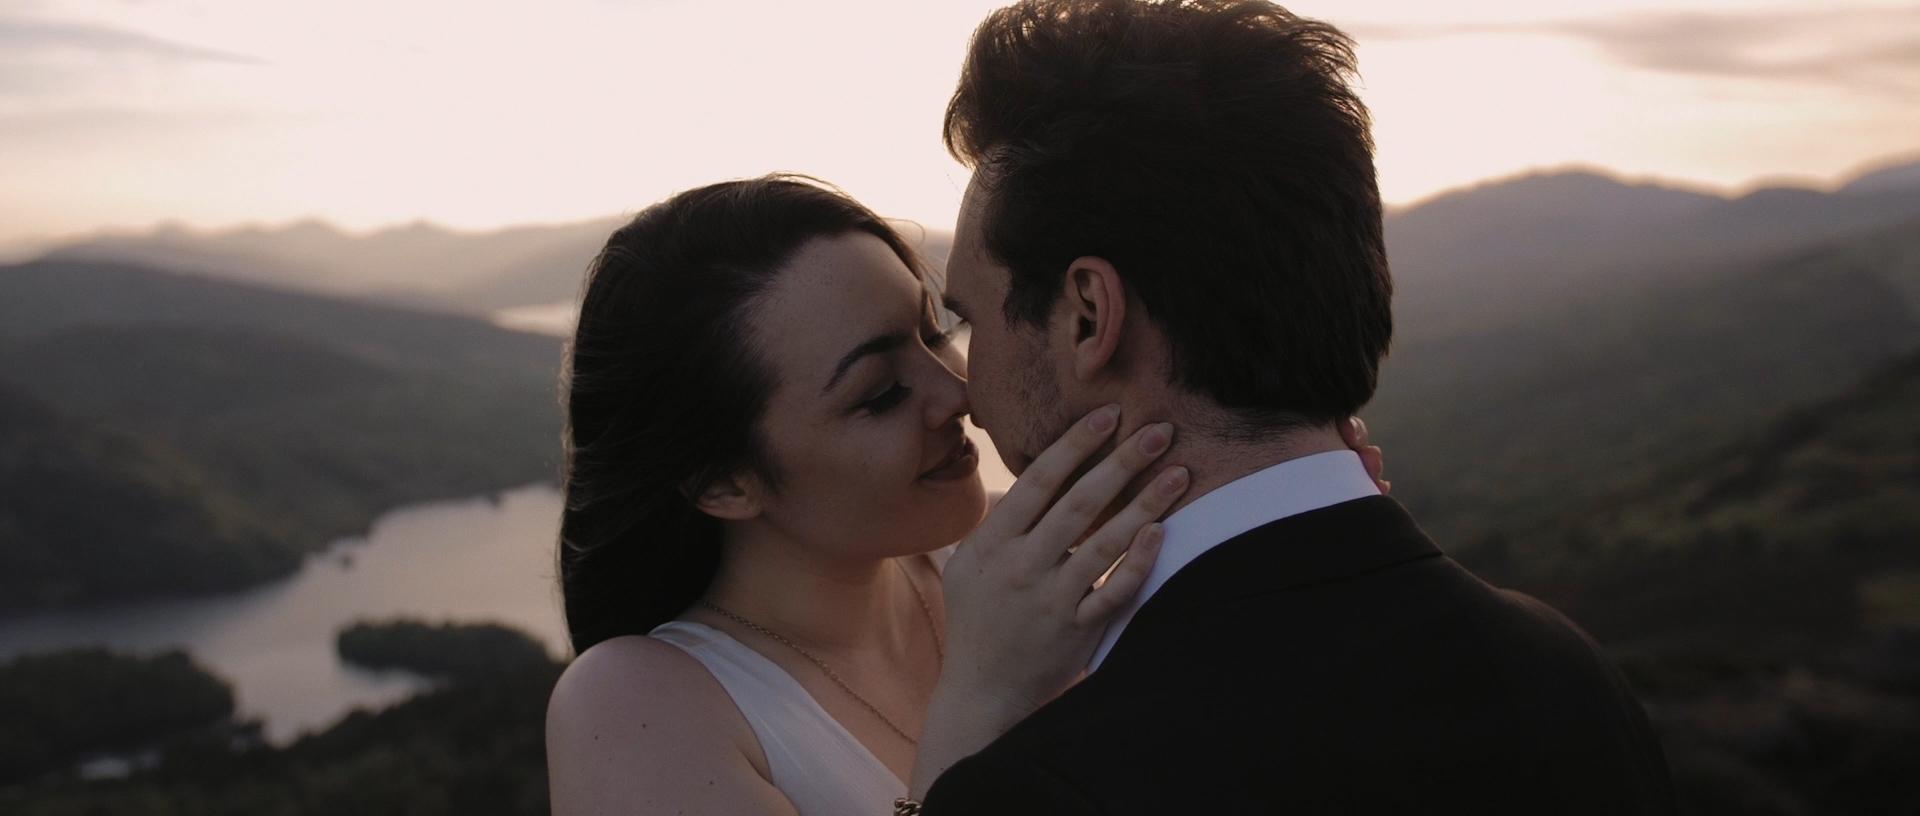 glasgow-wedding-videographer_LL_09.jpg